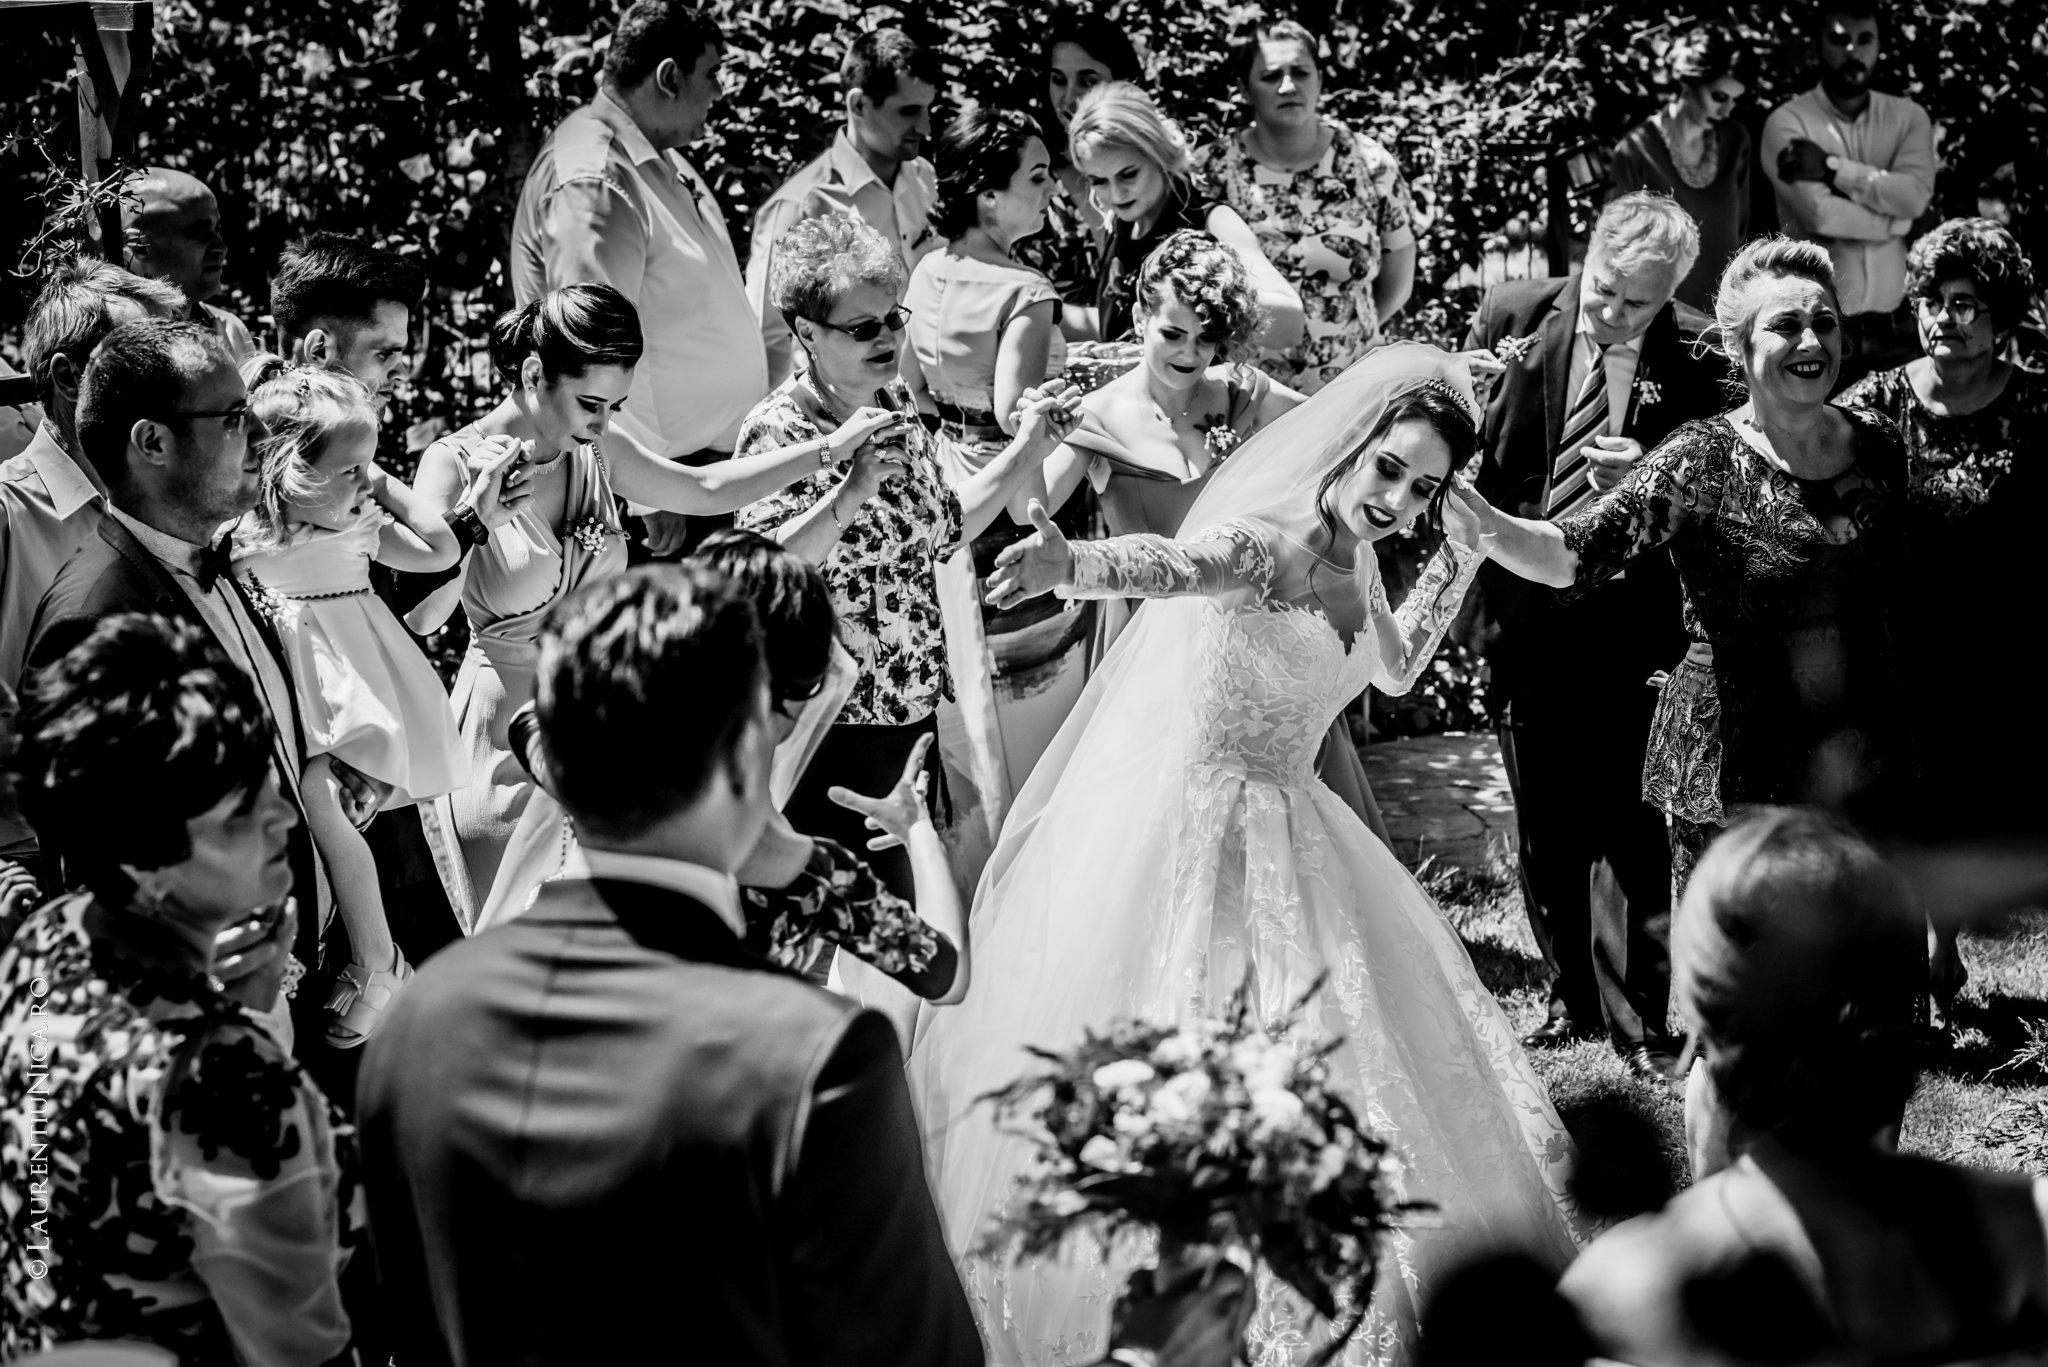 fotografii nunta denisa si florin craiova 17 - Denisa & Florin | Fotografii nunta | Craiova